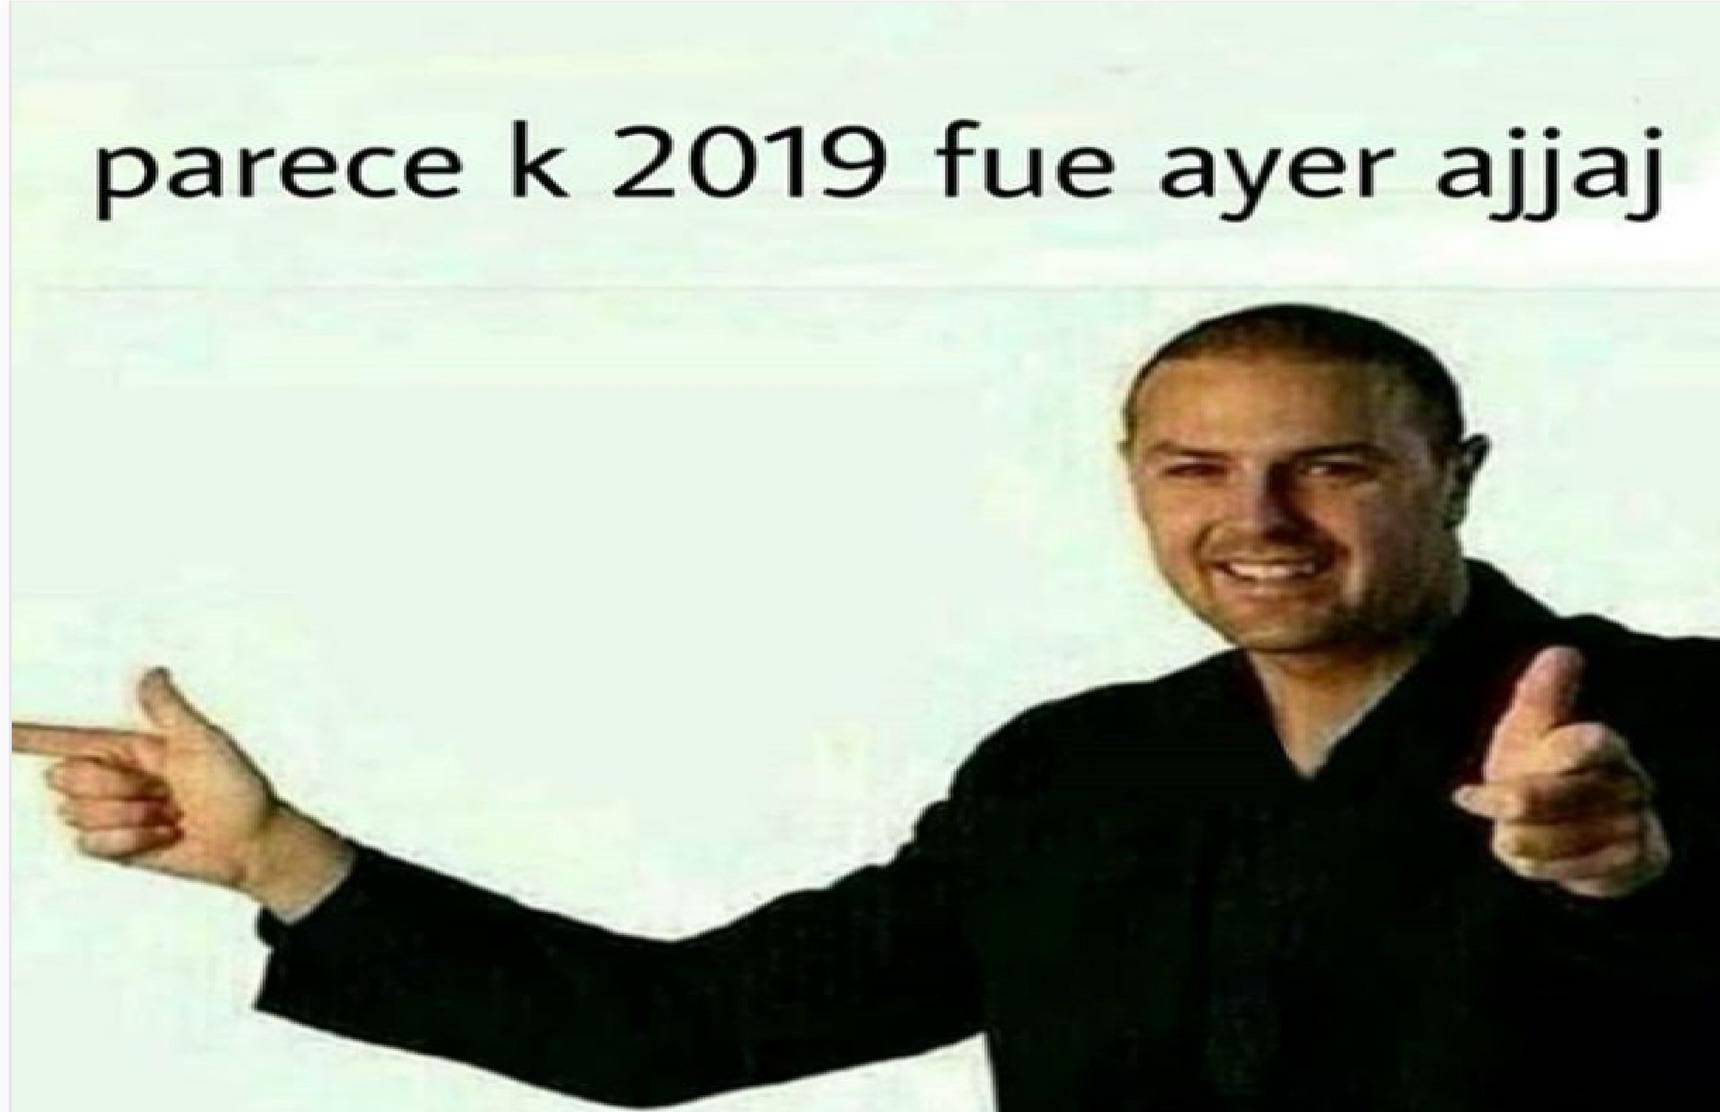 2019? a 2020? - meme